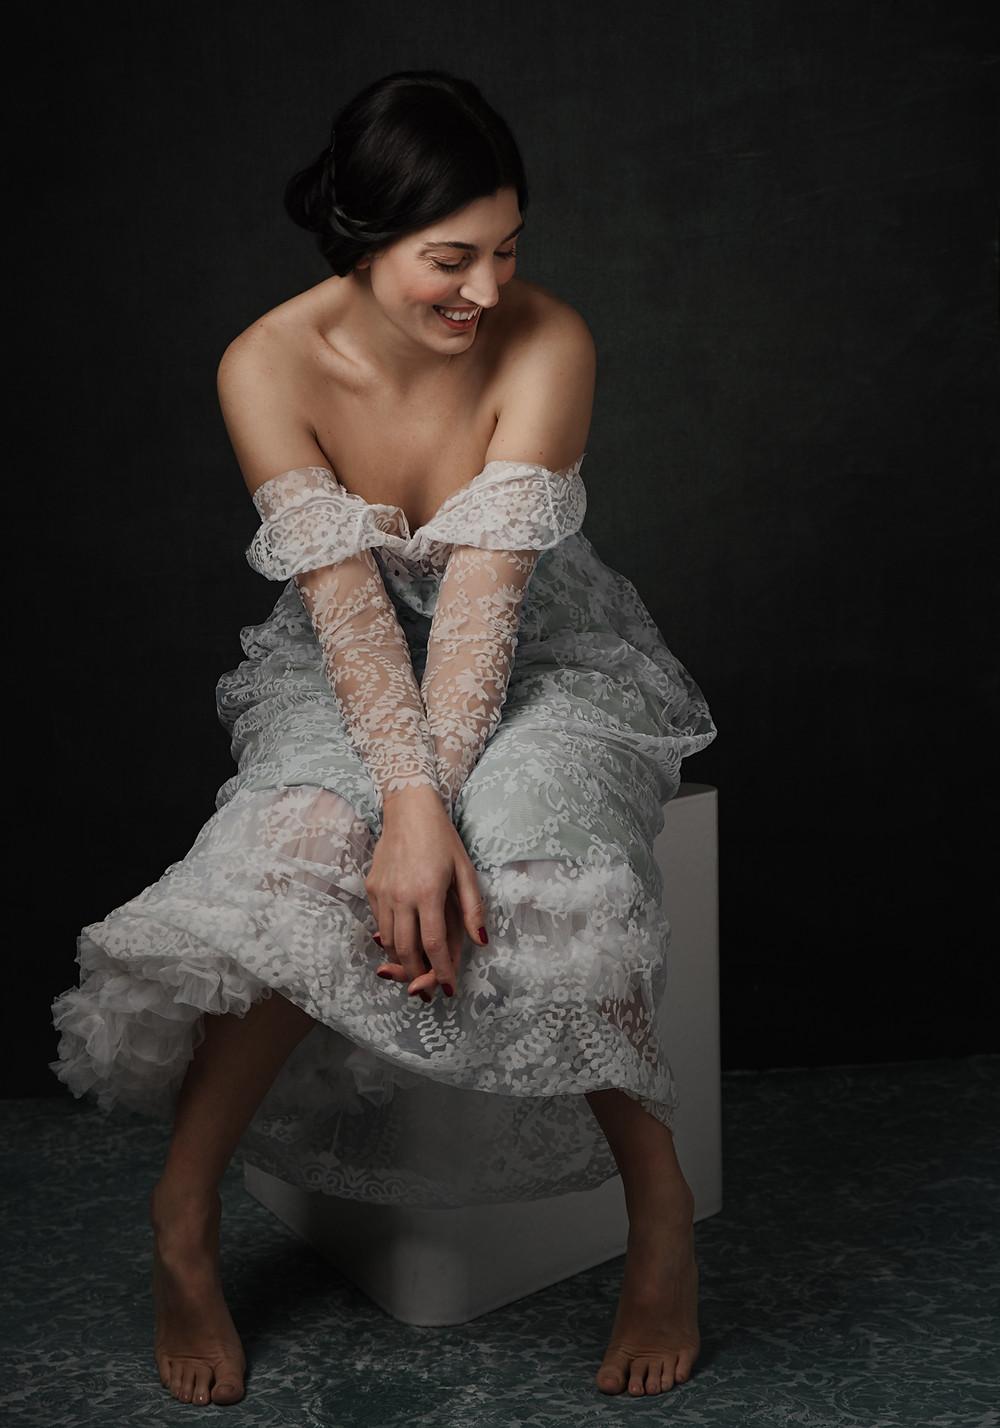 stupendo ritratto di donna che sorride